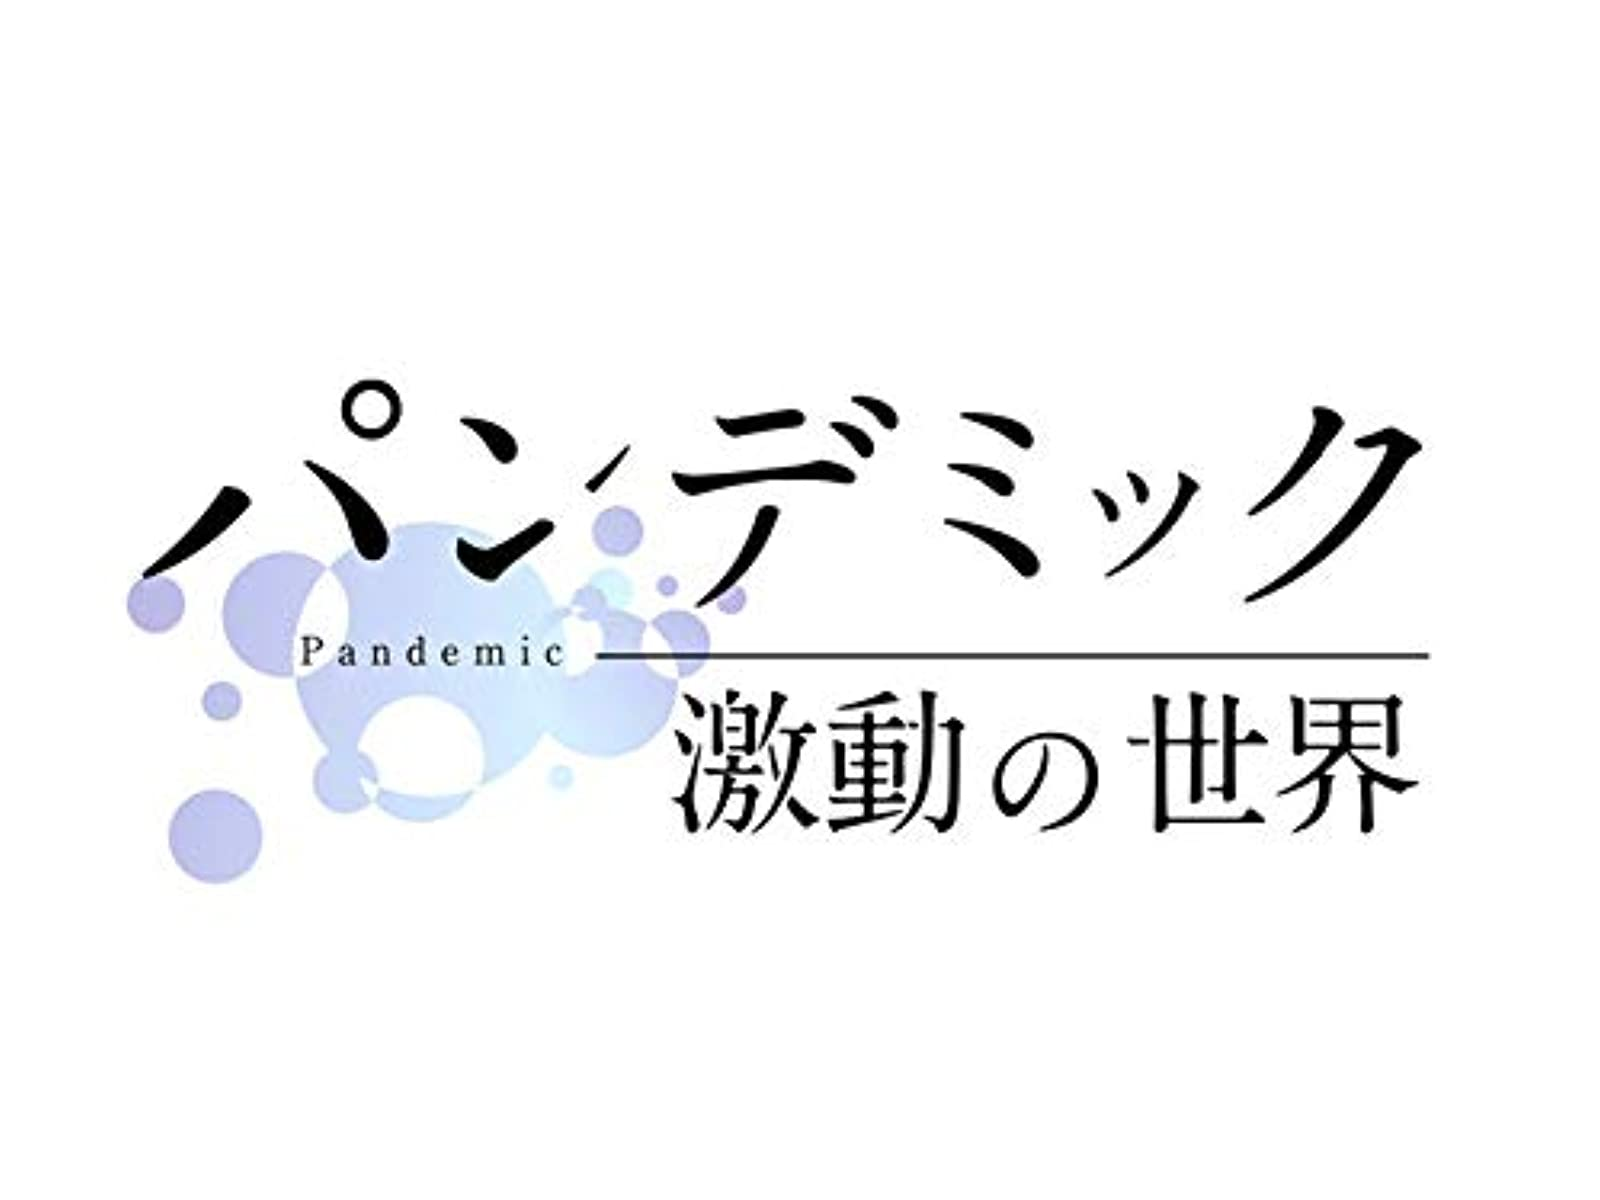 パラレル 東京 再 放送